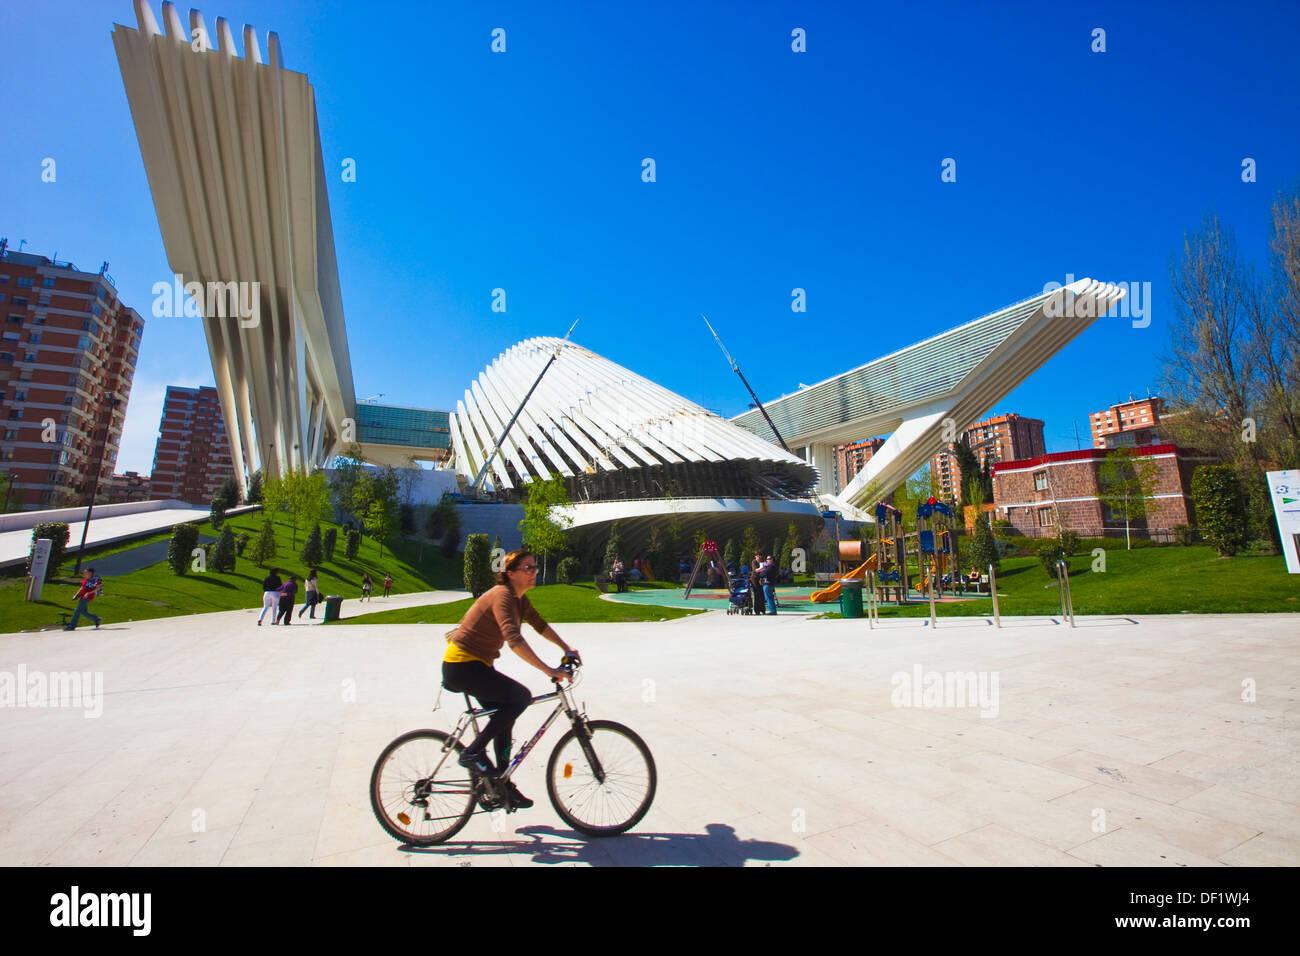 Centro de Conferencias y Exposiciones Ciudad de Oviedo por Santiago Calatrava, Oviedo, Asturias, España. Foto de stock